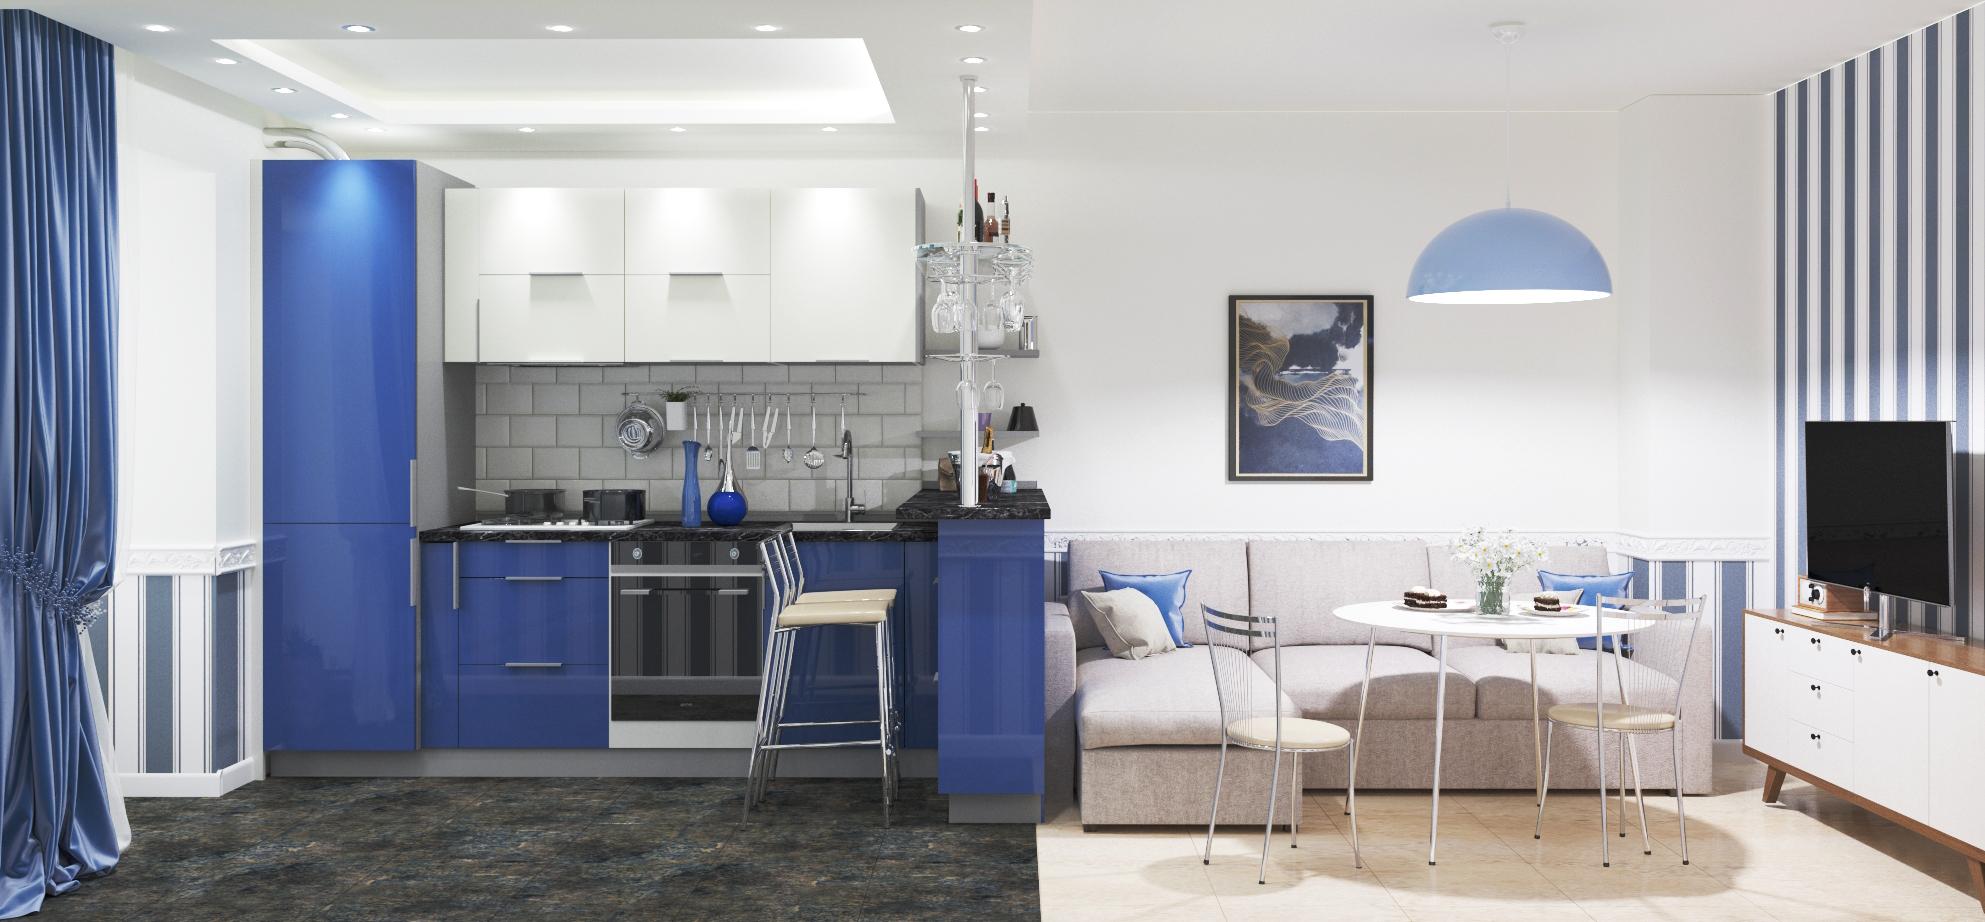 Разработать дизайн однокомнатной квартиры 39 кв.м. фото f_5785937a9a738ab2.jpg